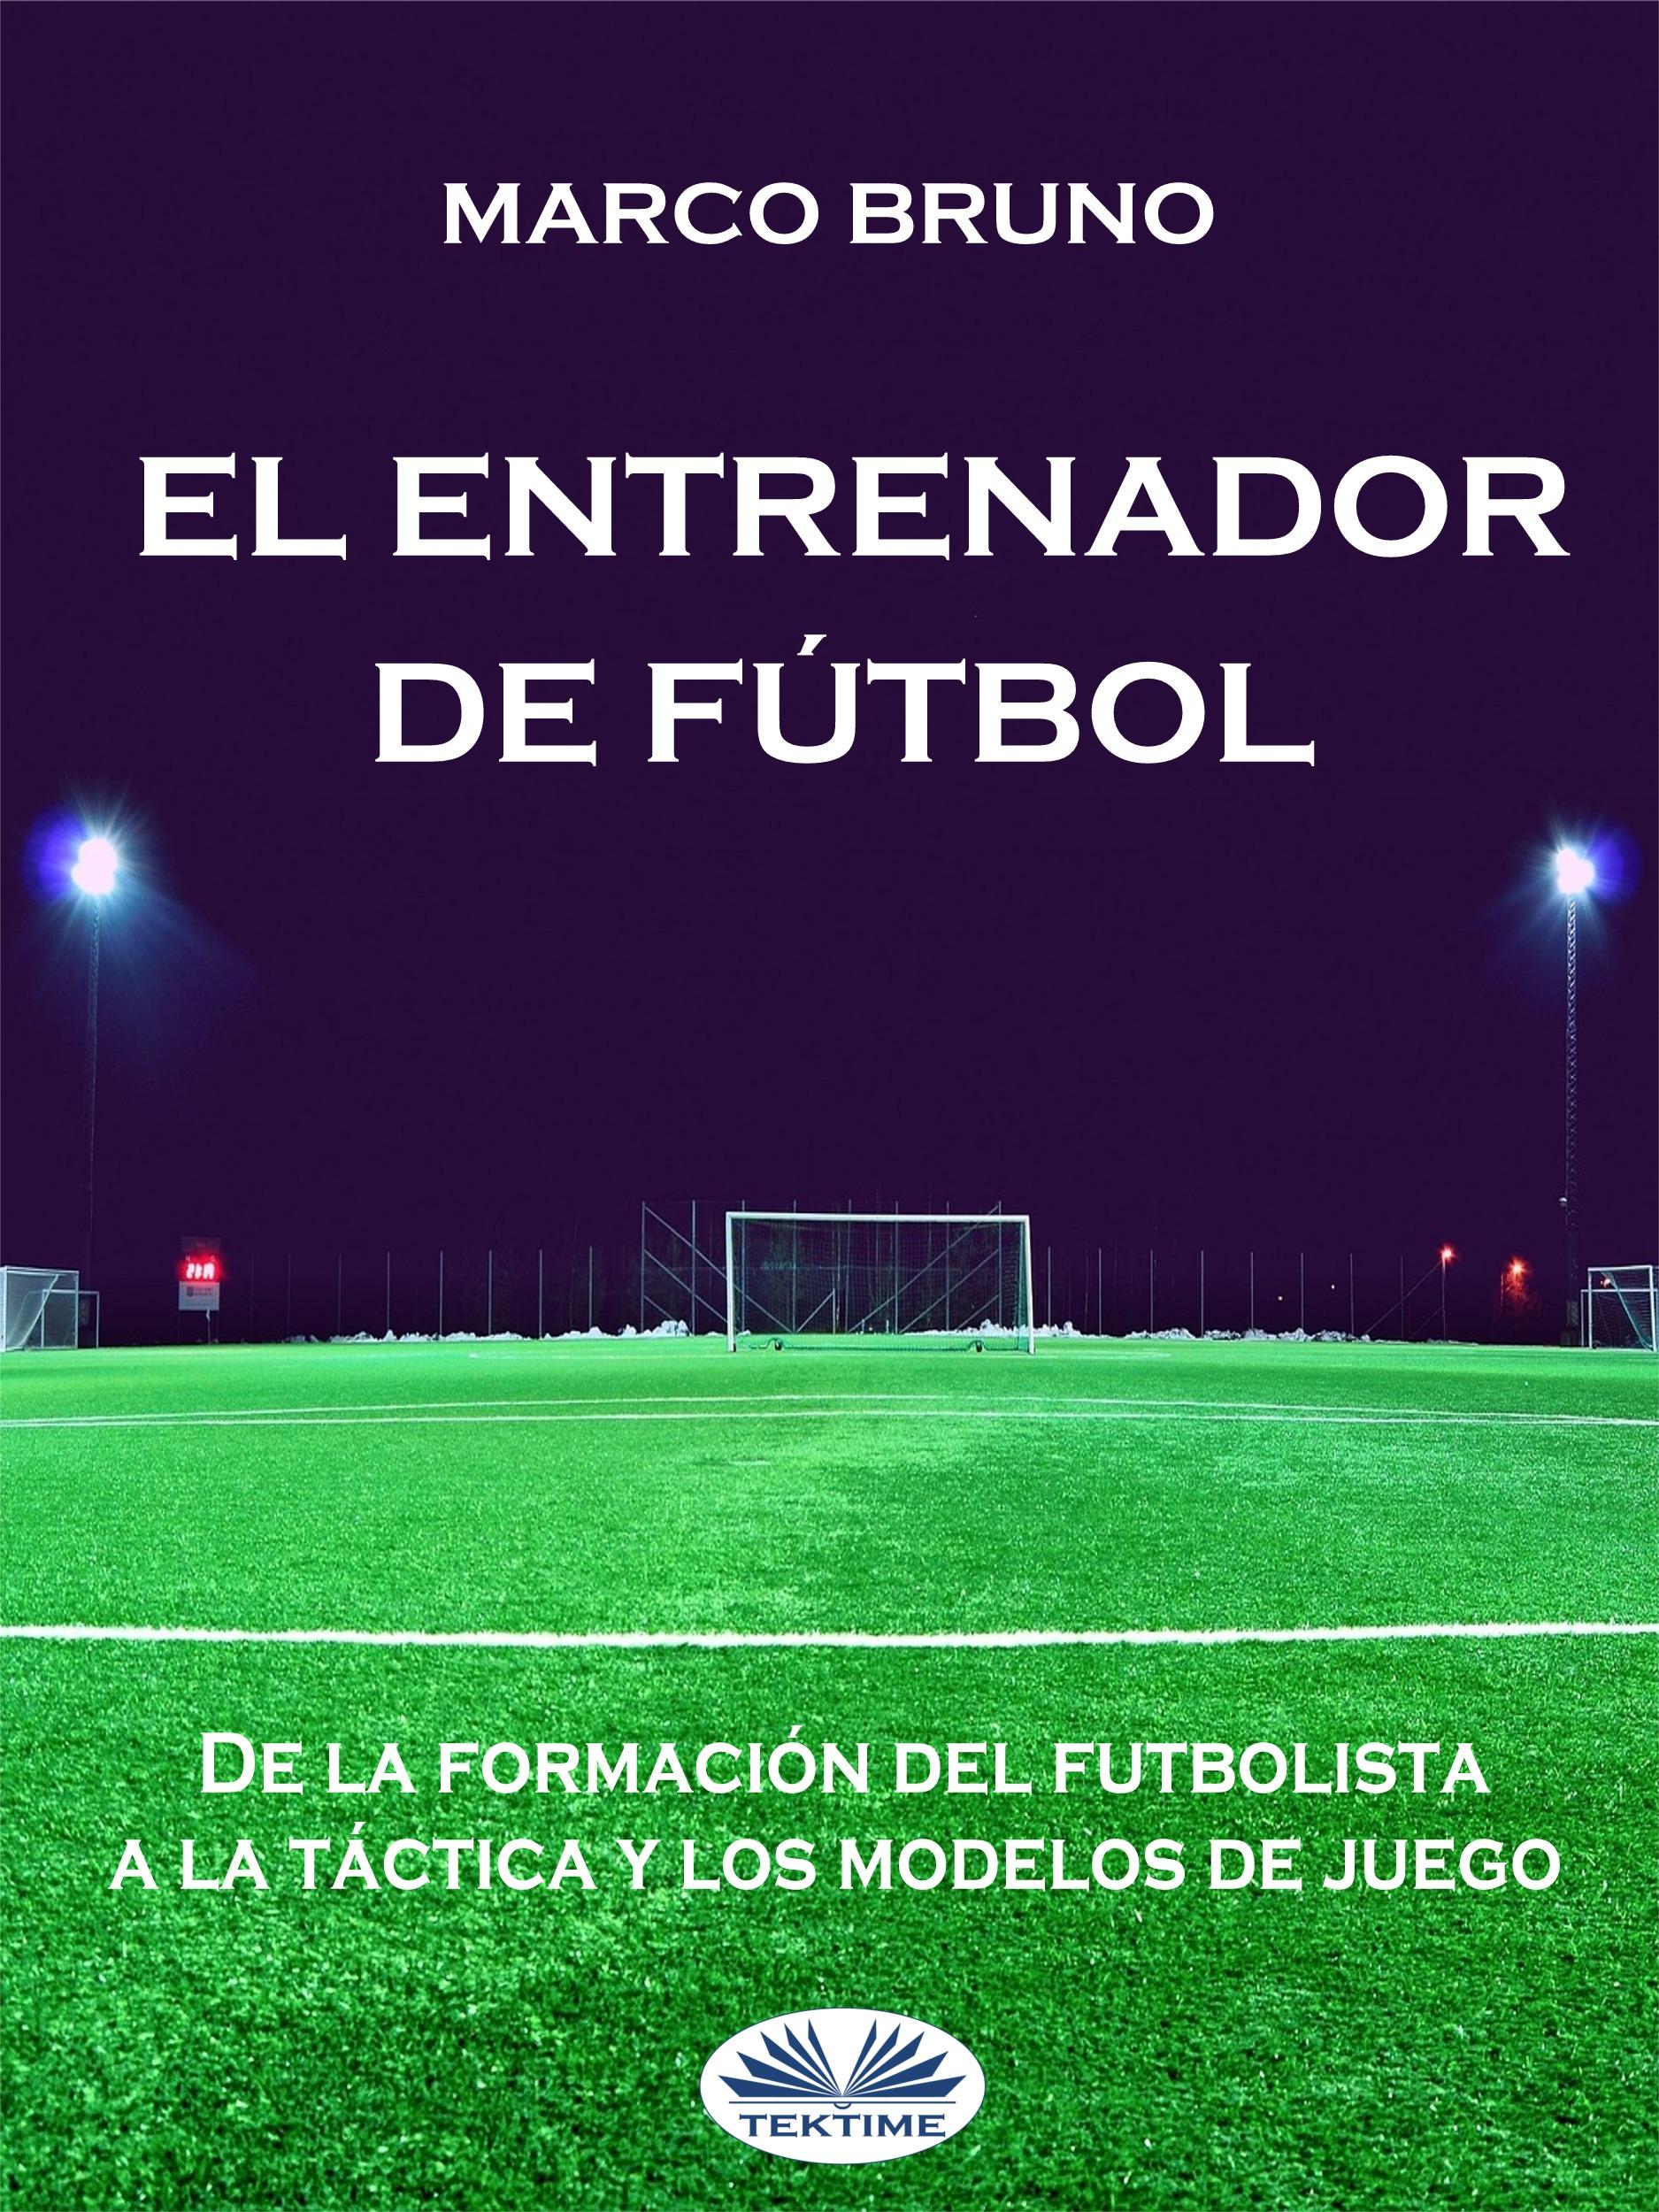 Marco Bruno El Entrenador De Fútbol цена